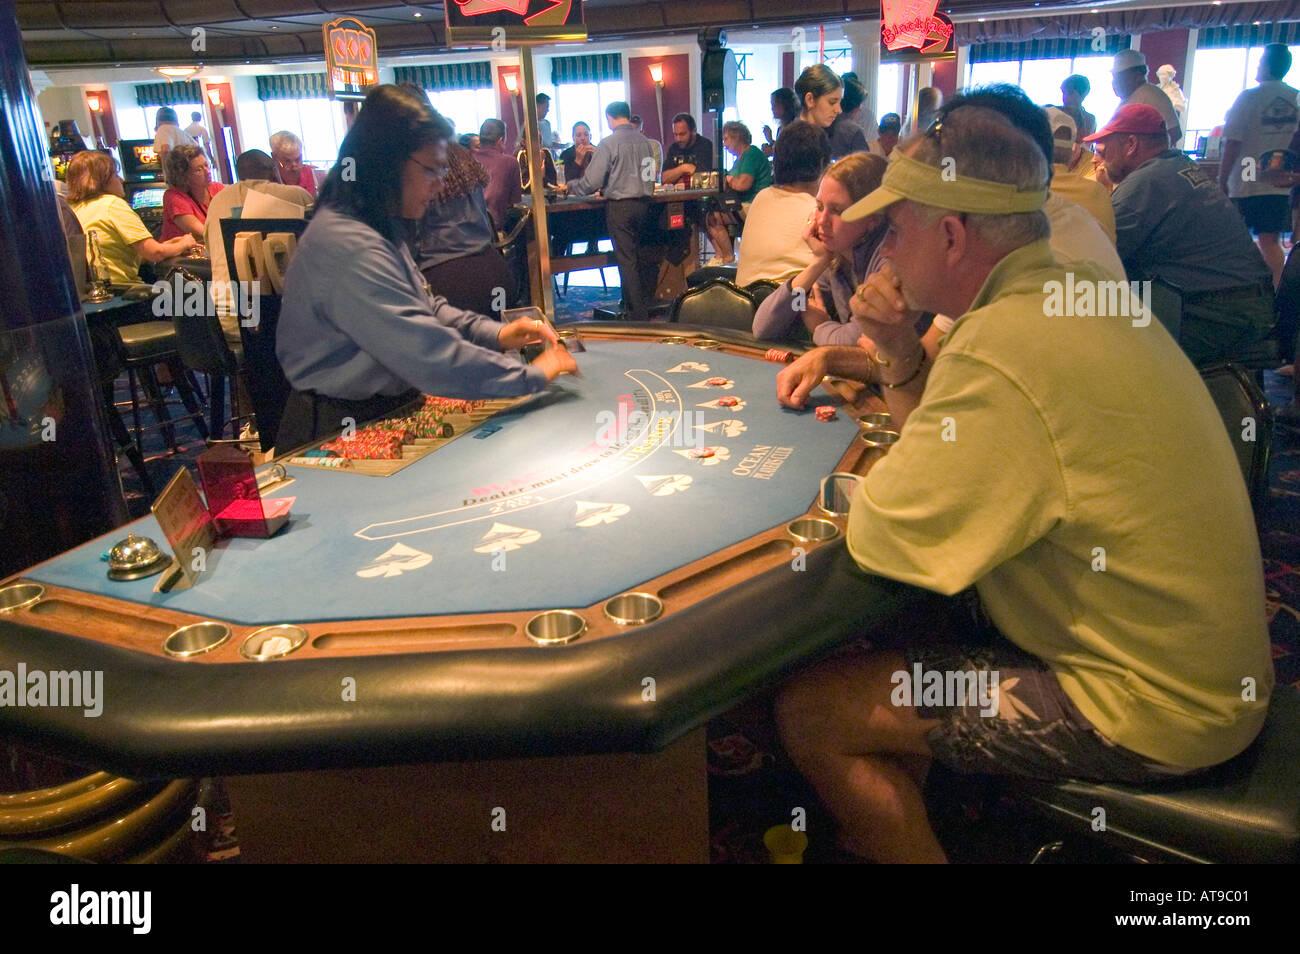 Carnival Fantasy Cruise Ship Stock Photos Amp Carnival Fantasy Cruise Ship Stock Images Alamy